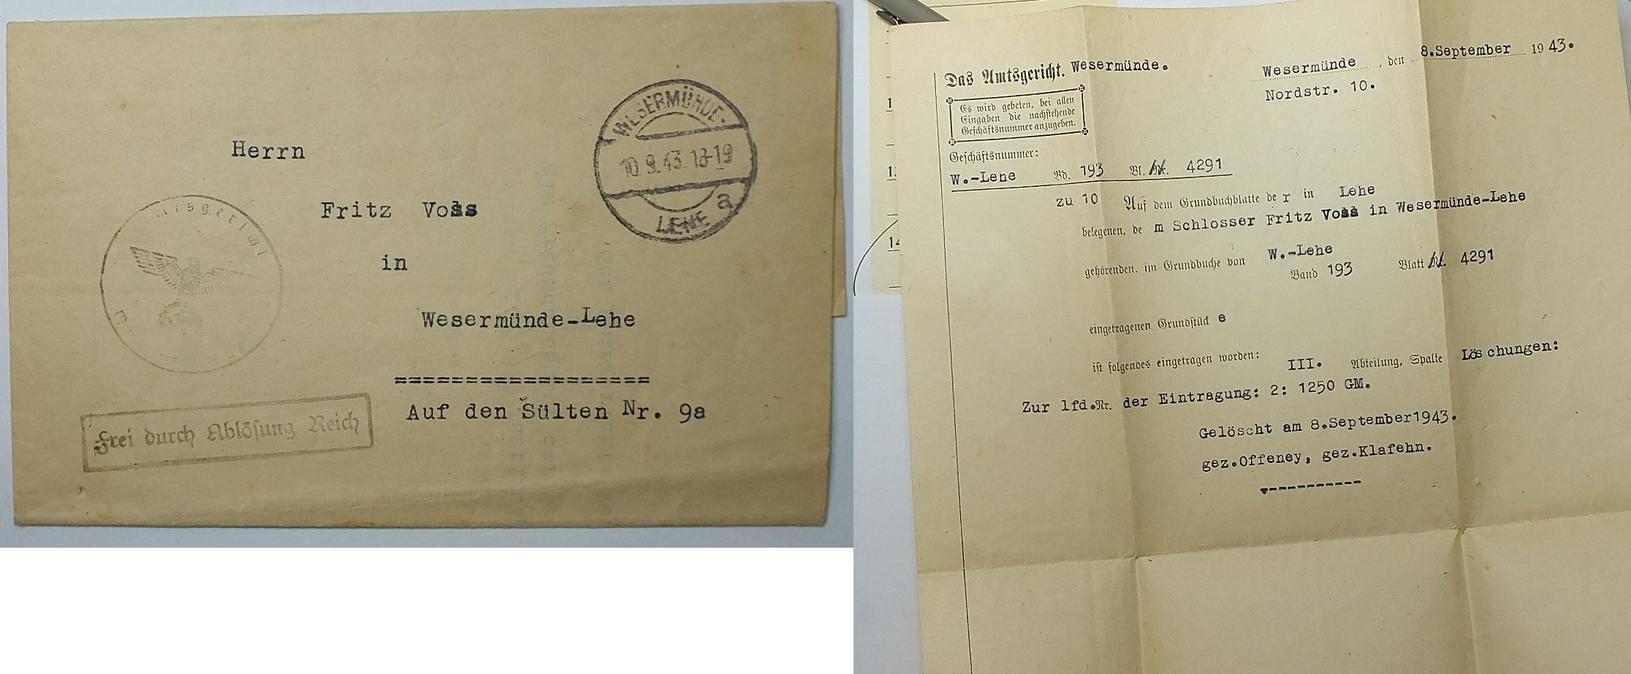 Brief Vom Amtsgericht